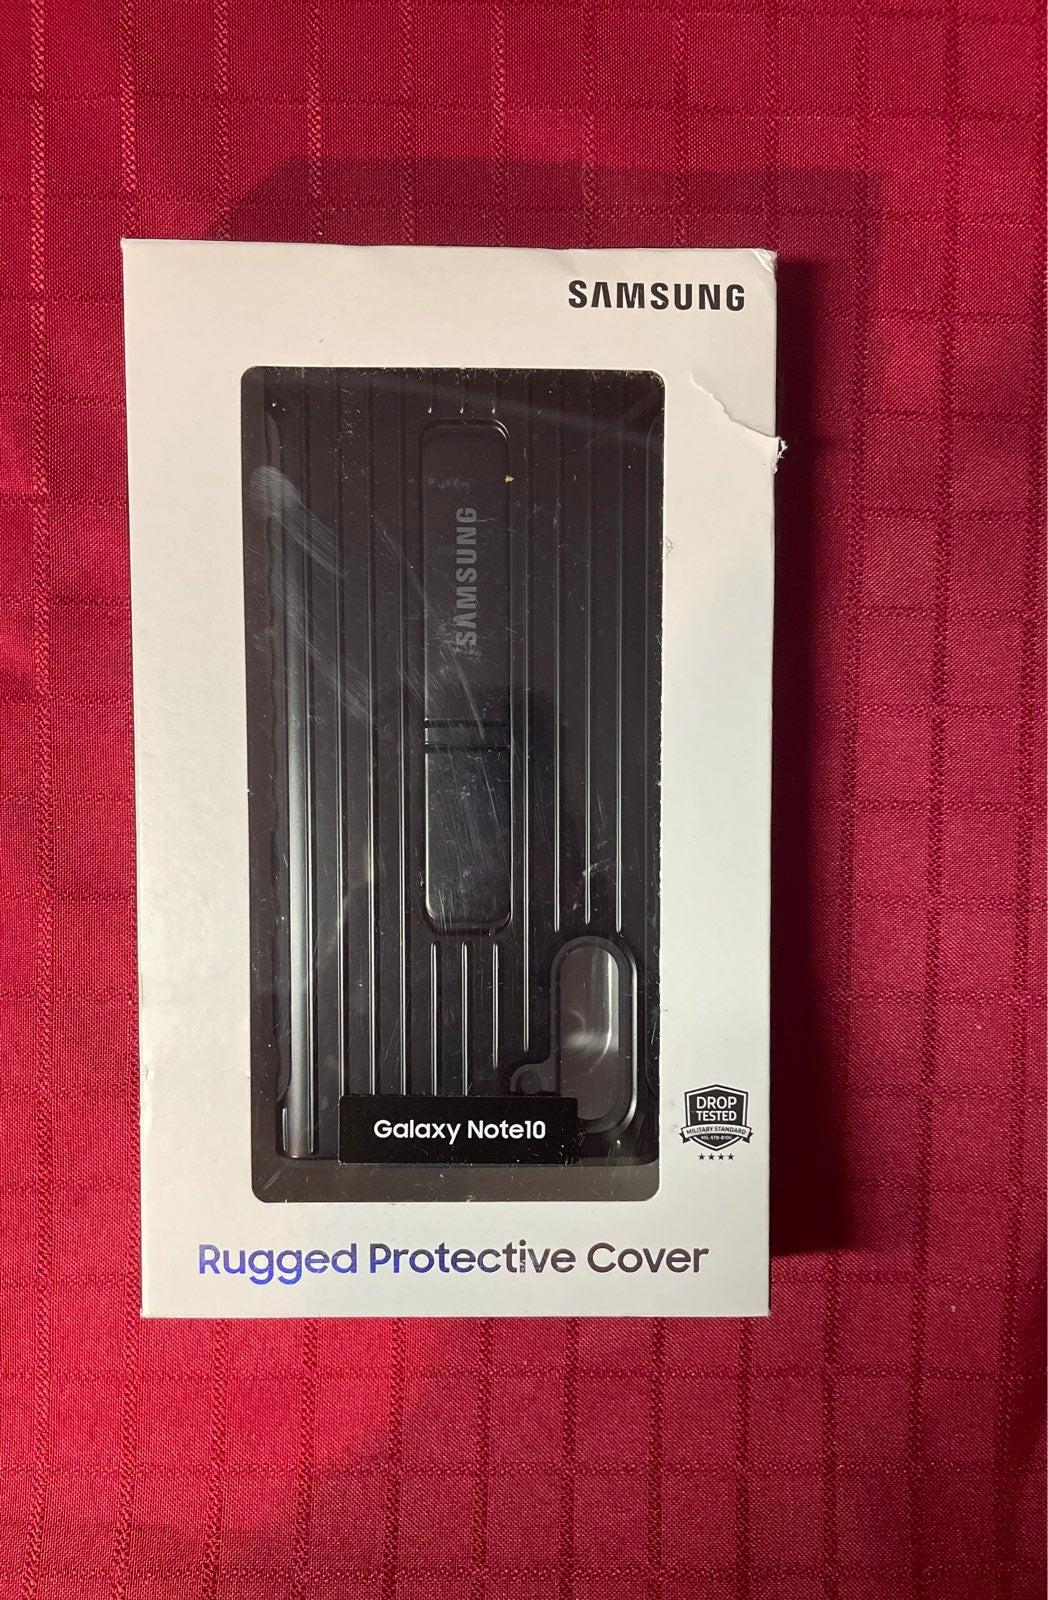 Samsung galexy note10 case